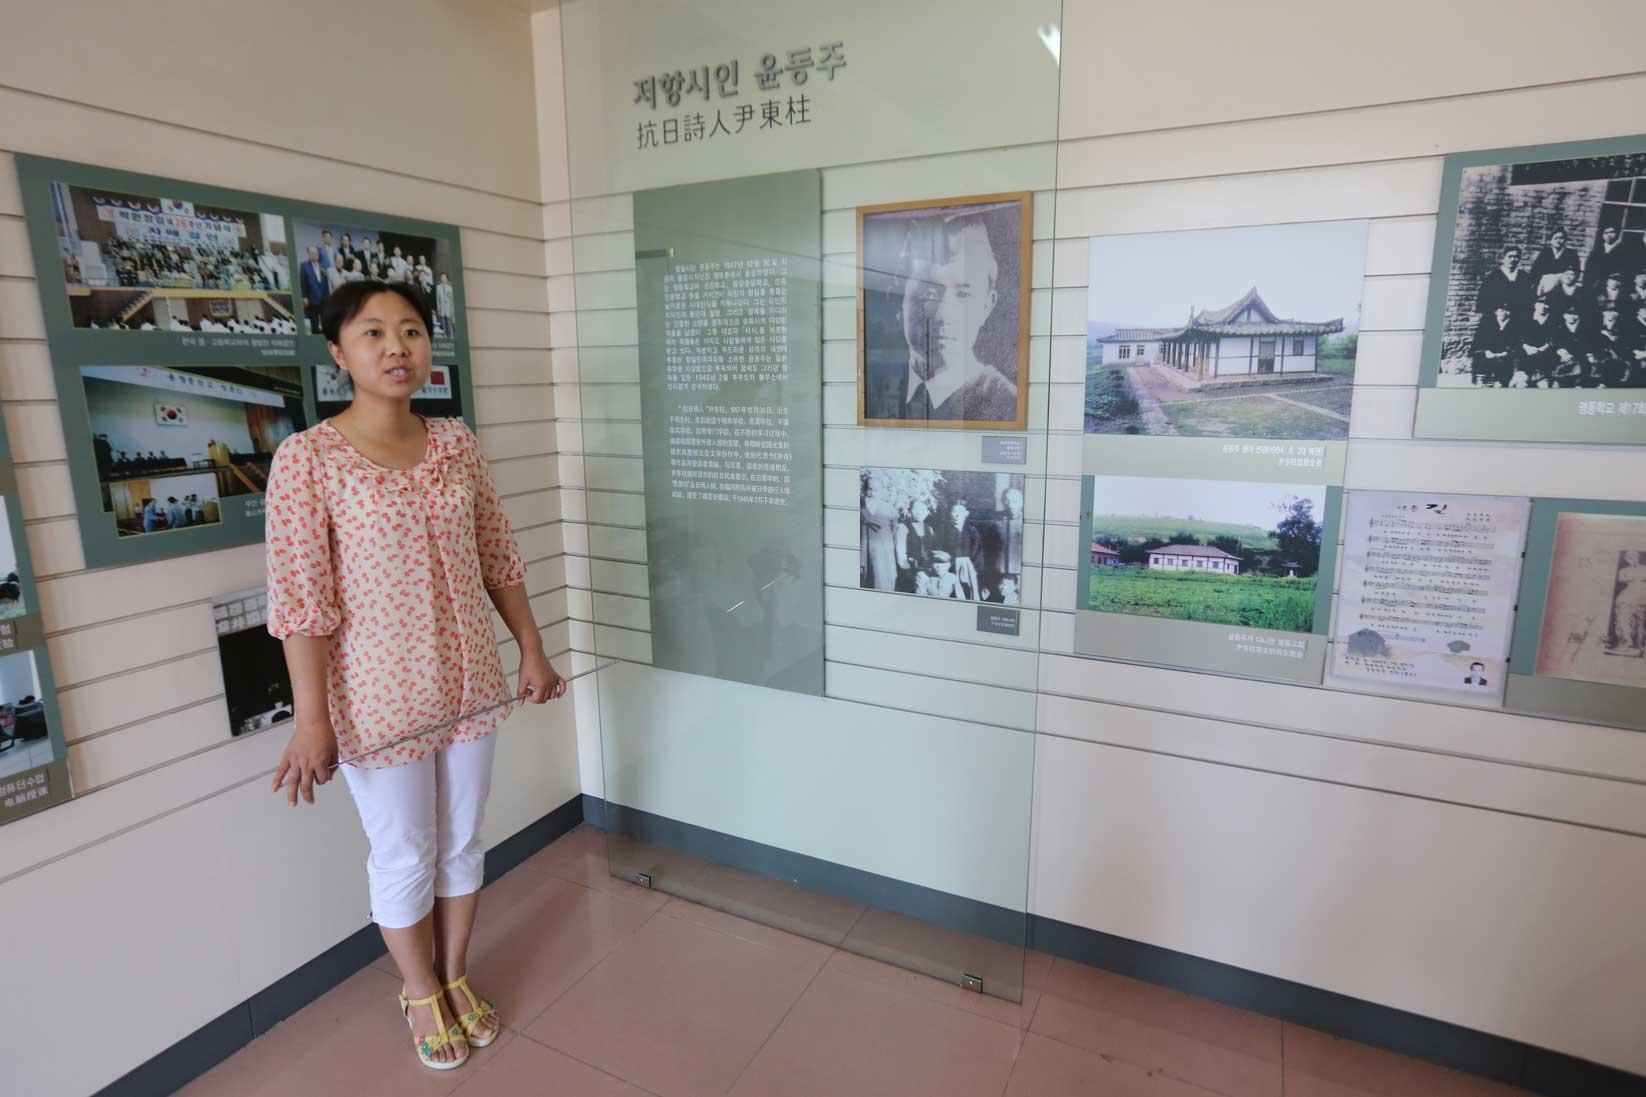 朝鮮からの移民が開墾した龍井のいま(吉林省延辺朝鮮族自治州)_b0235153_11212424.jpg